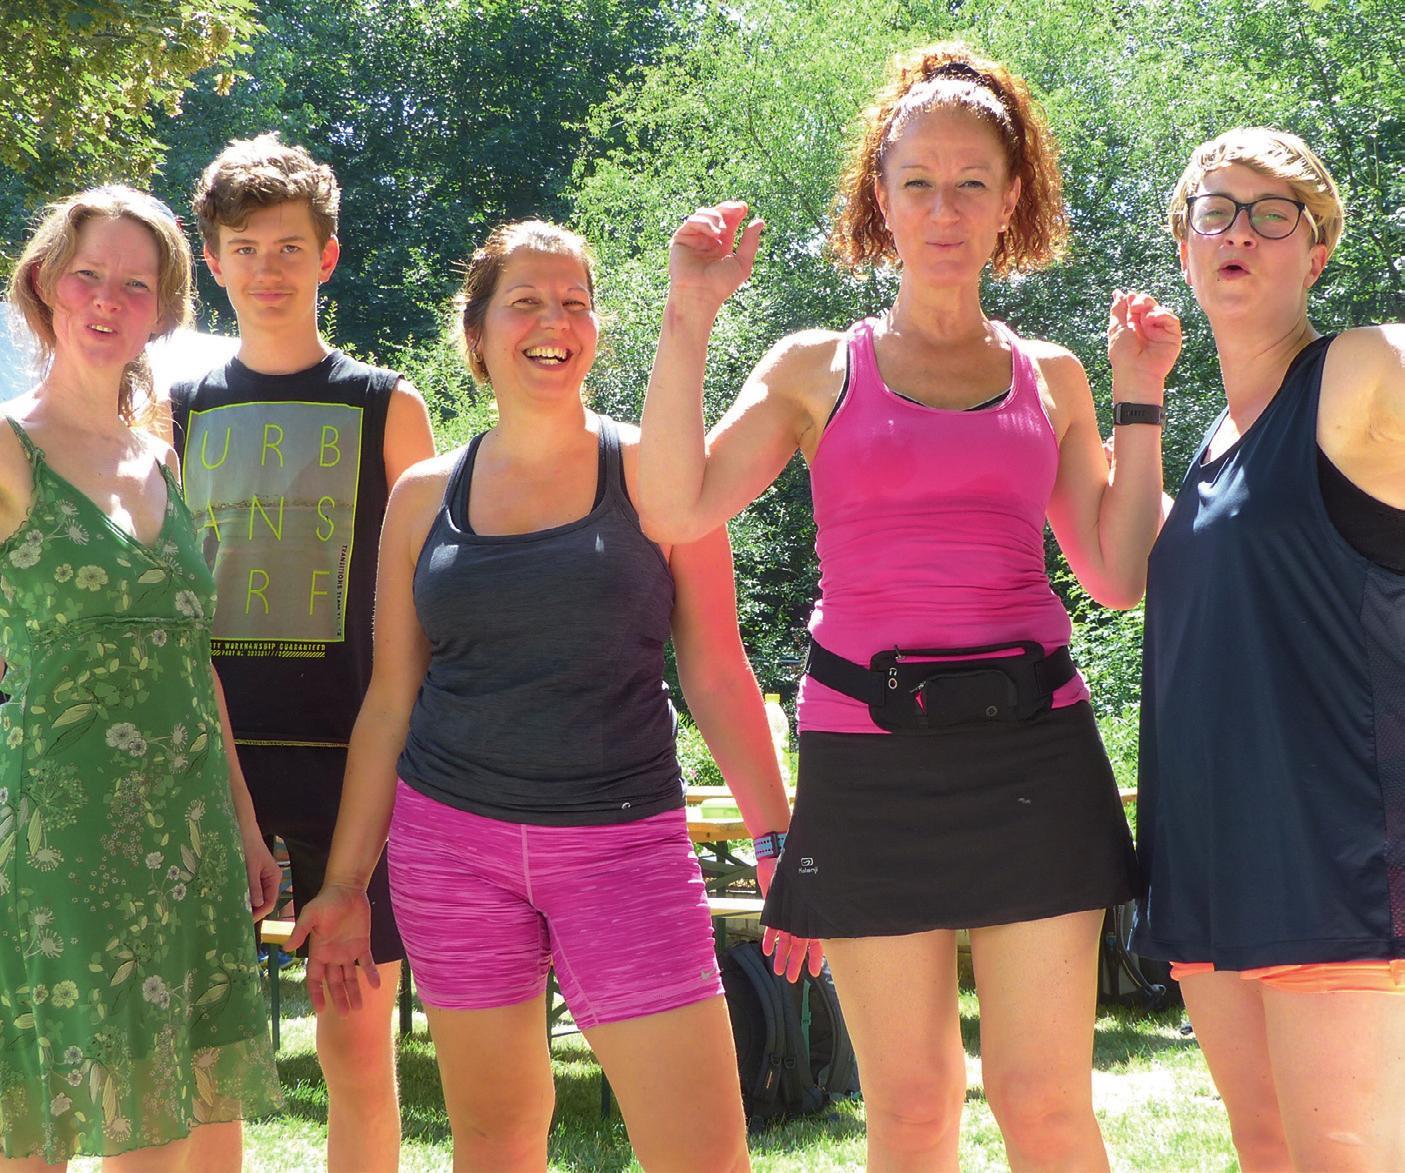 Glücklich und gut gelaunt im Ziel: Finisher nach dem Gartenlauf in Hohenschönhausen